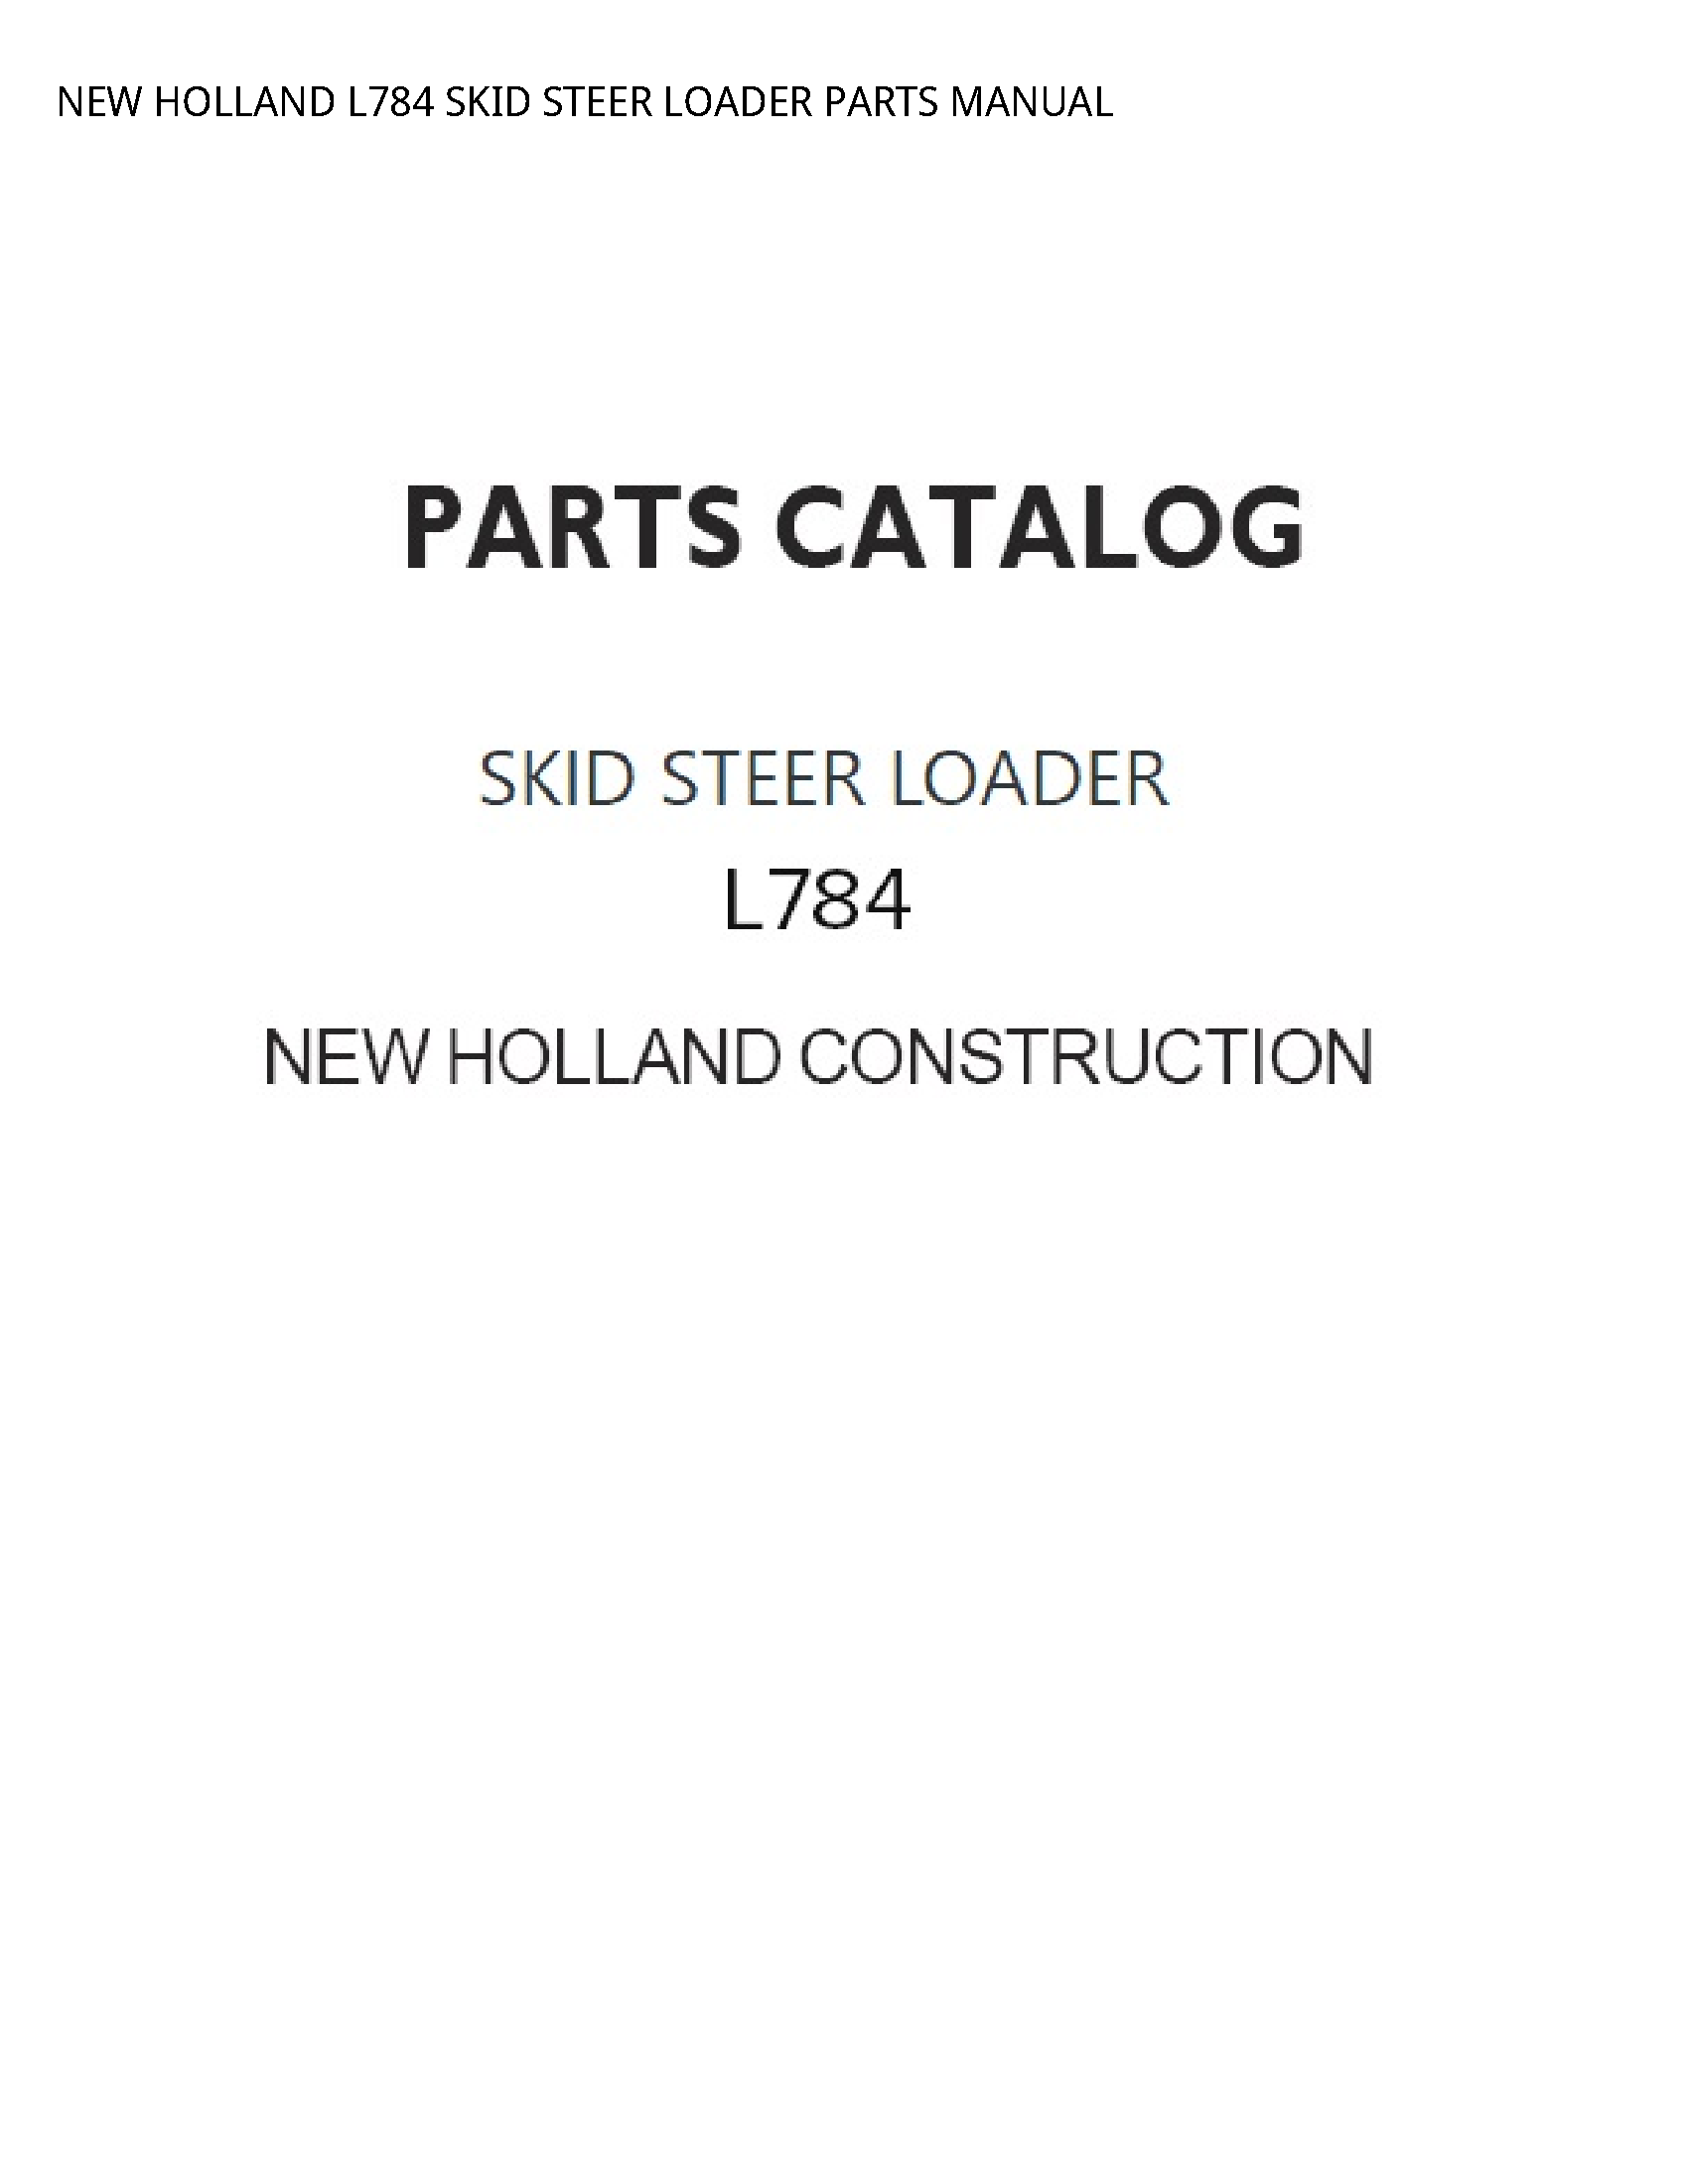 New Holland L784 SKID STEER LOADER PARTS manual